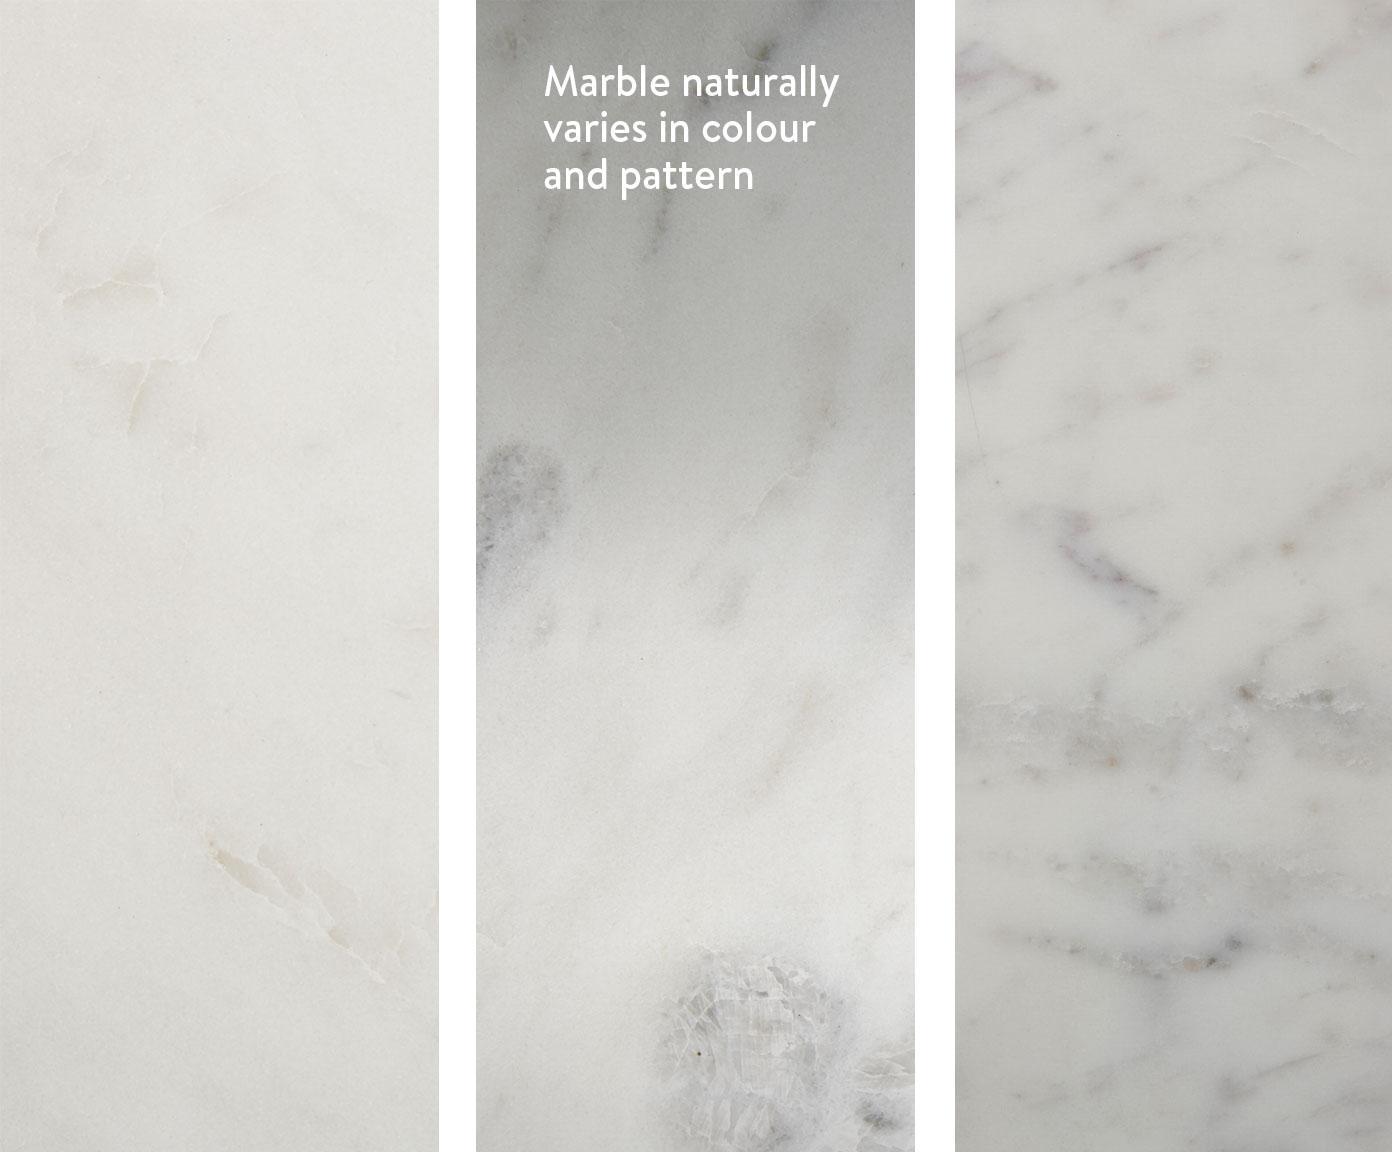 Tavolino rotondo con piano in marmo Alys, Piano d'appoggio: pietra naturale di marmo, Struttura: metallo verniciato a polv, Piano d'appoggio: marmo bianco-grigiastro leggermente lucido Struttura: argento, Ø 40 x Alt. 50 cm